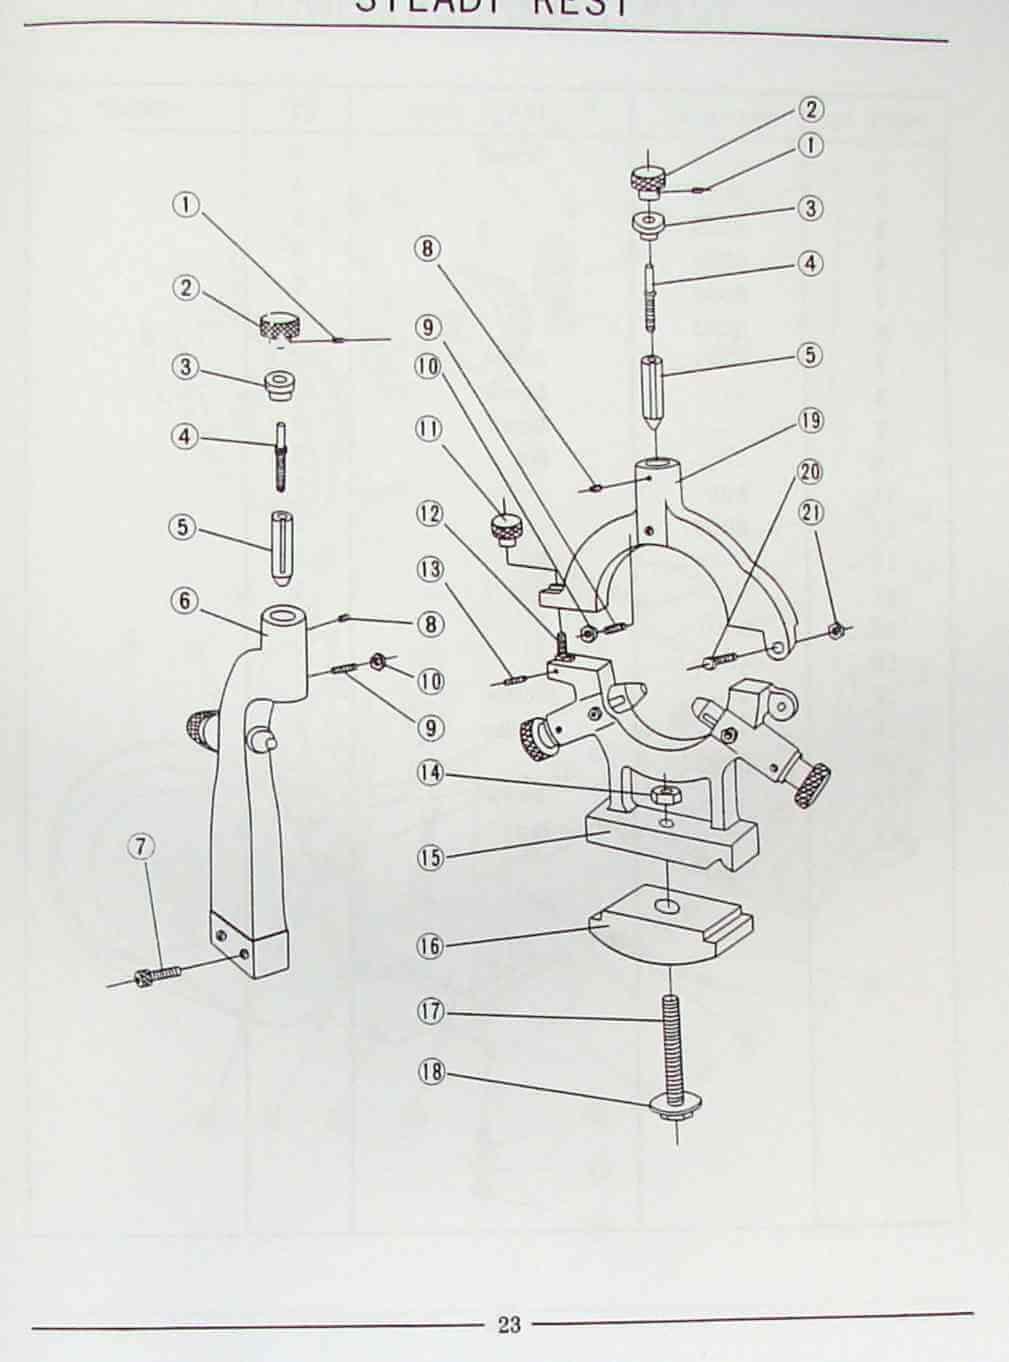 Enco Lathe Wiring Diagram 25 Images 110 1340 0770b Metal 10